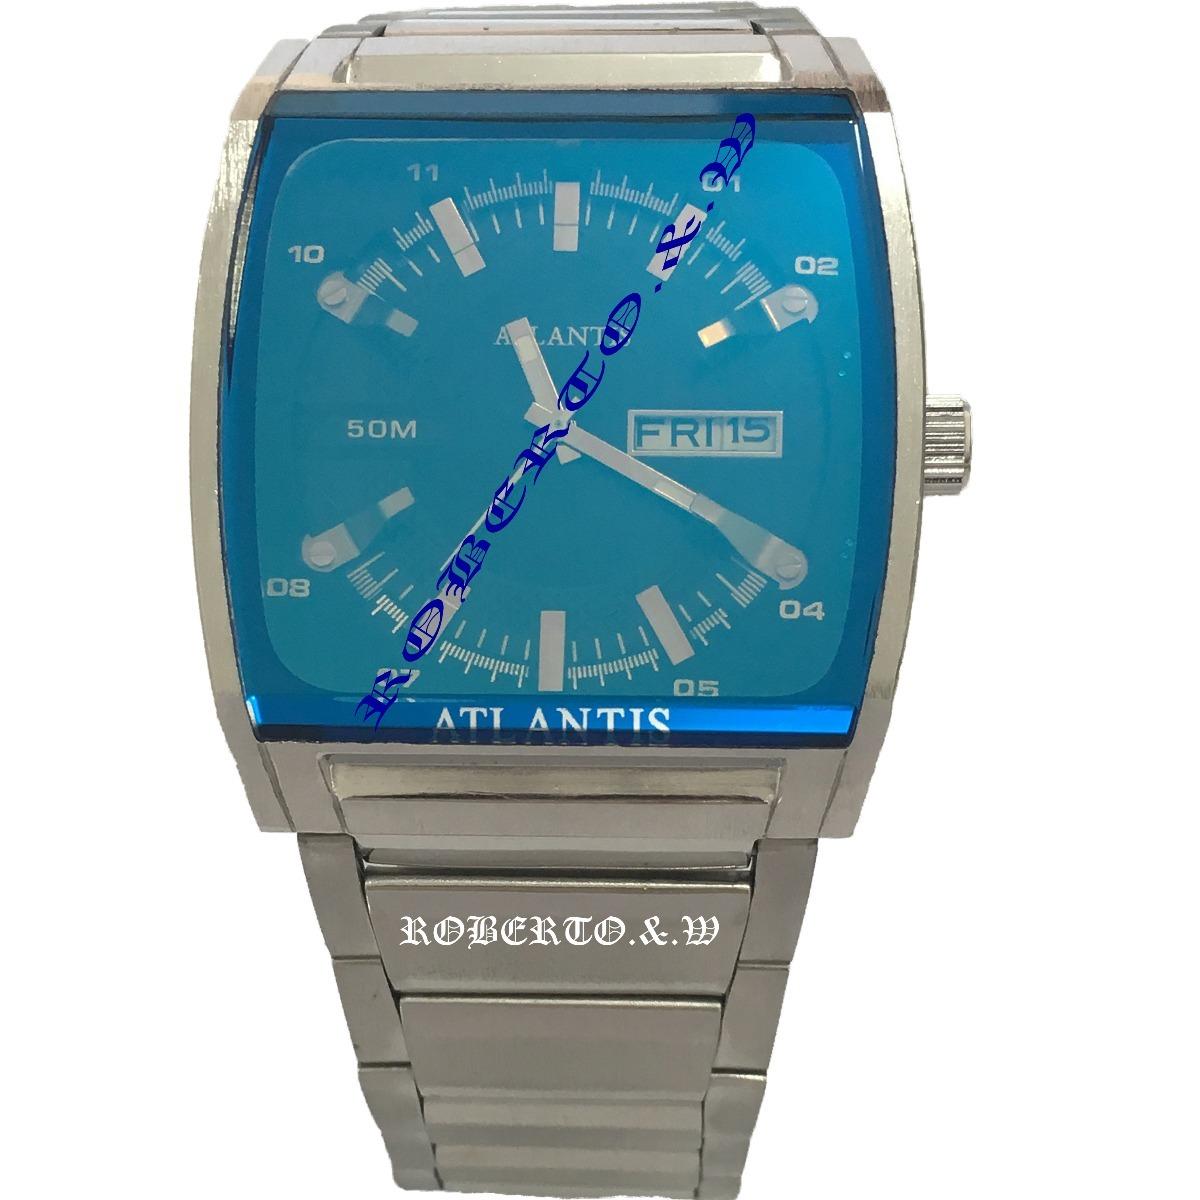 9566b6d1844 Relógio Atlantis Original Masculino Pulseira De Aço - R  148